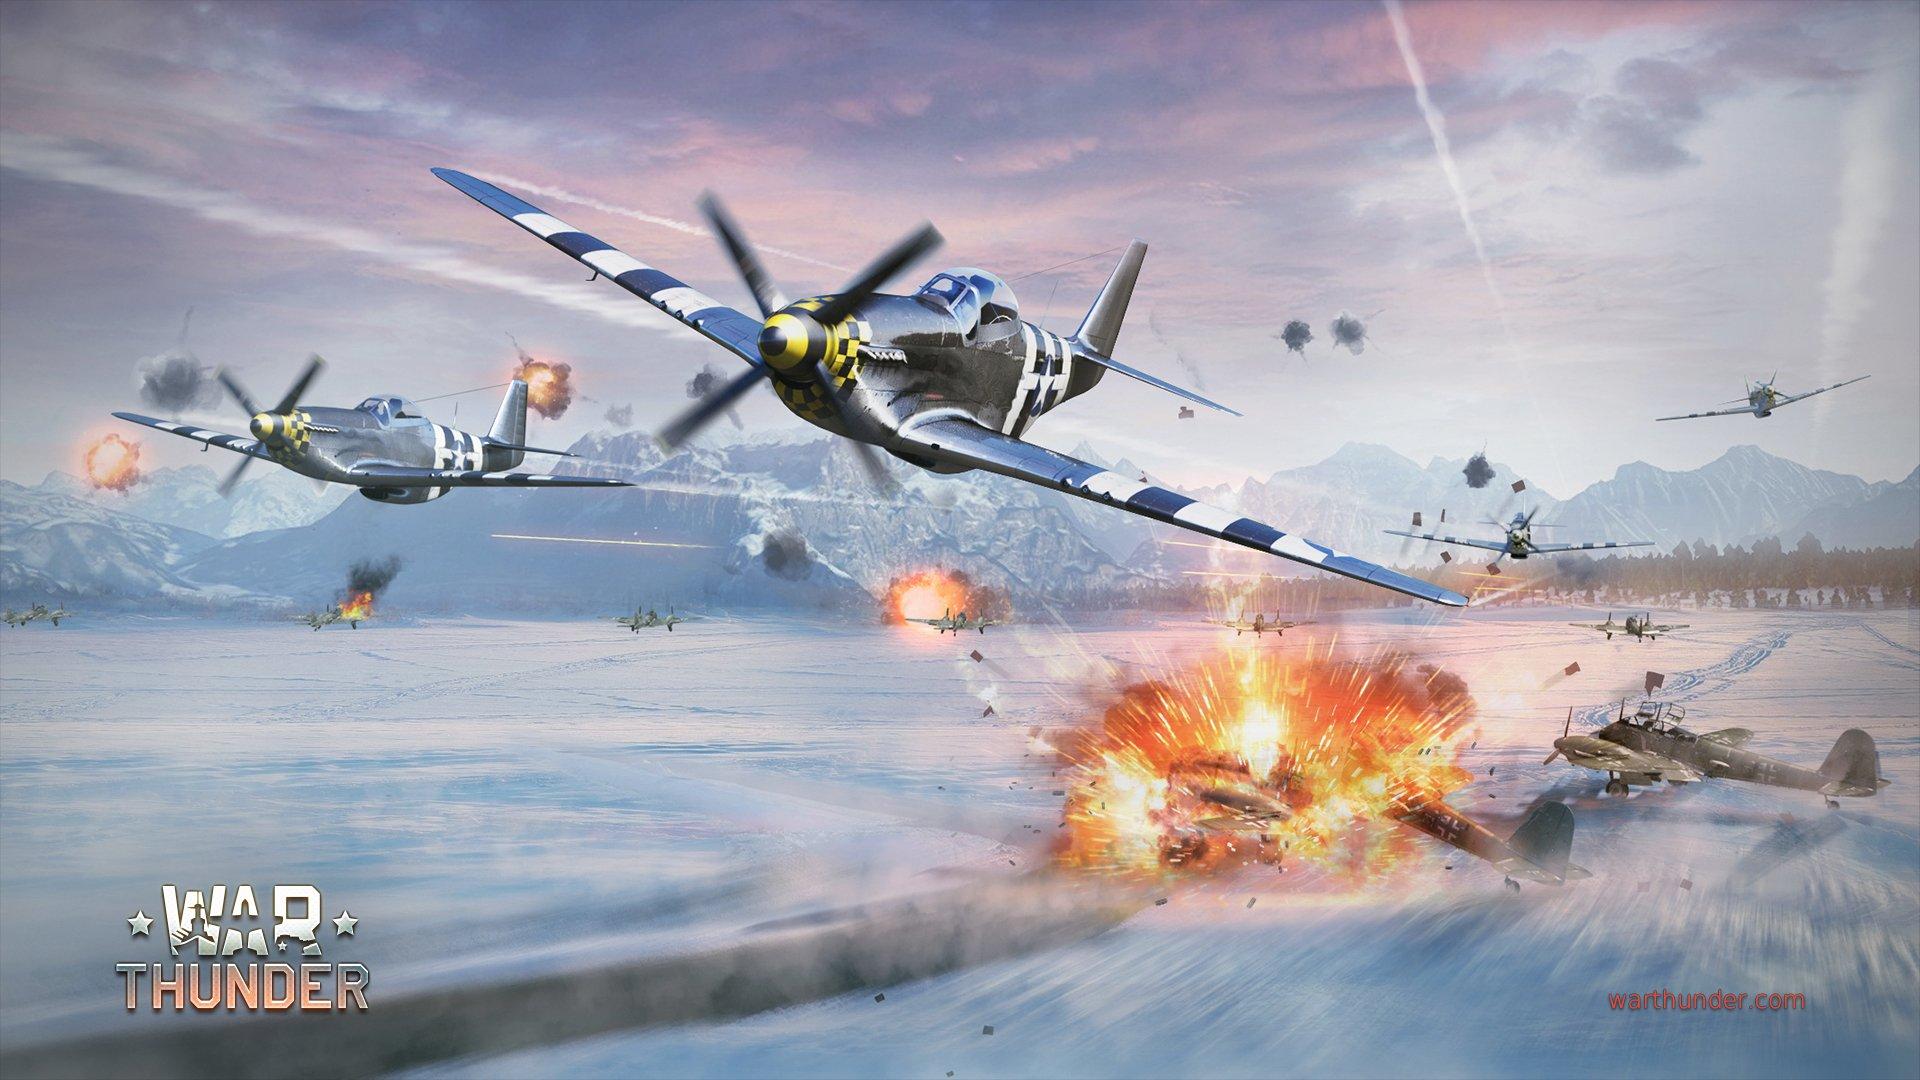 Обои Ме-410, war thunder, Самолёт, истребитель, война, Облака. Игры foto 10